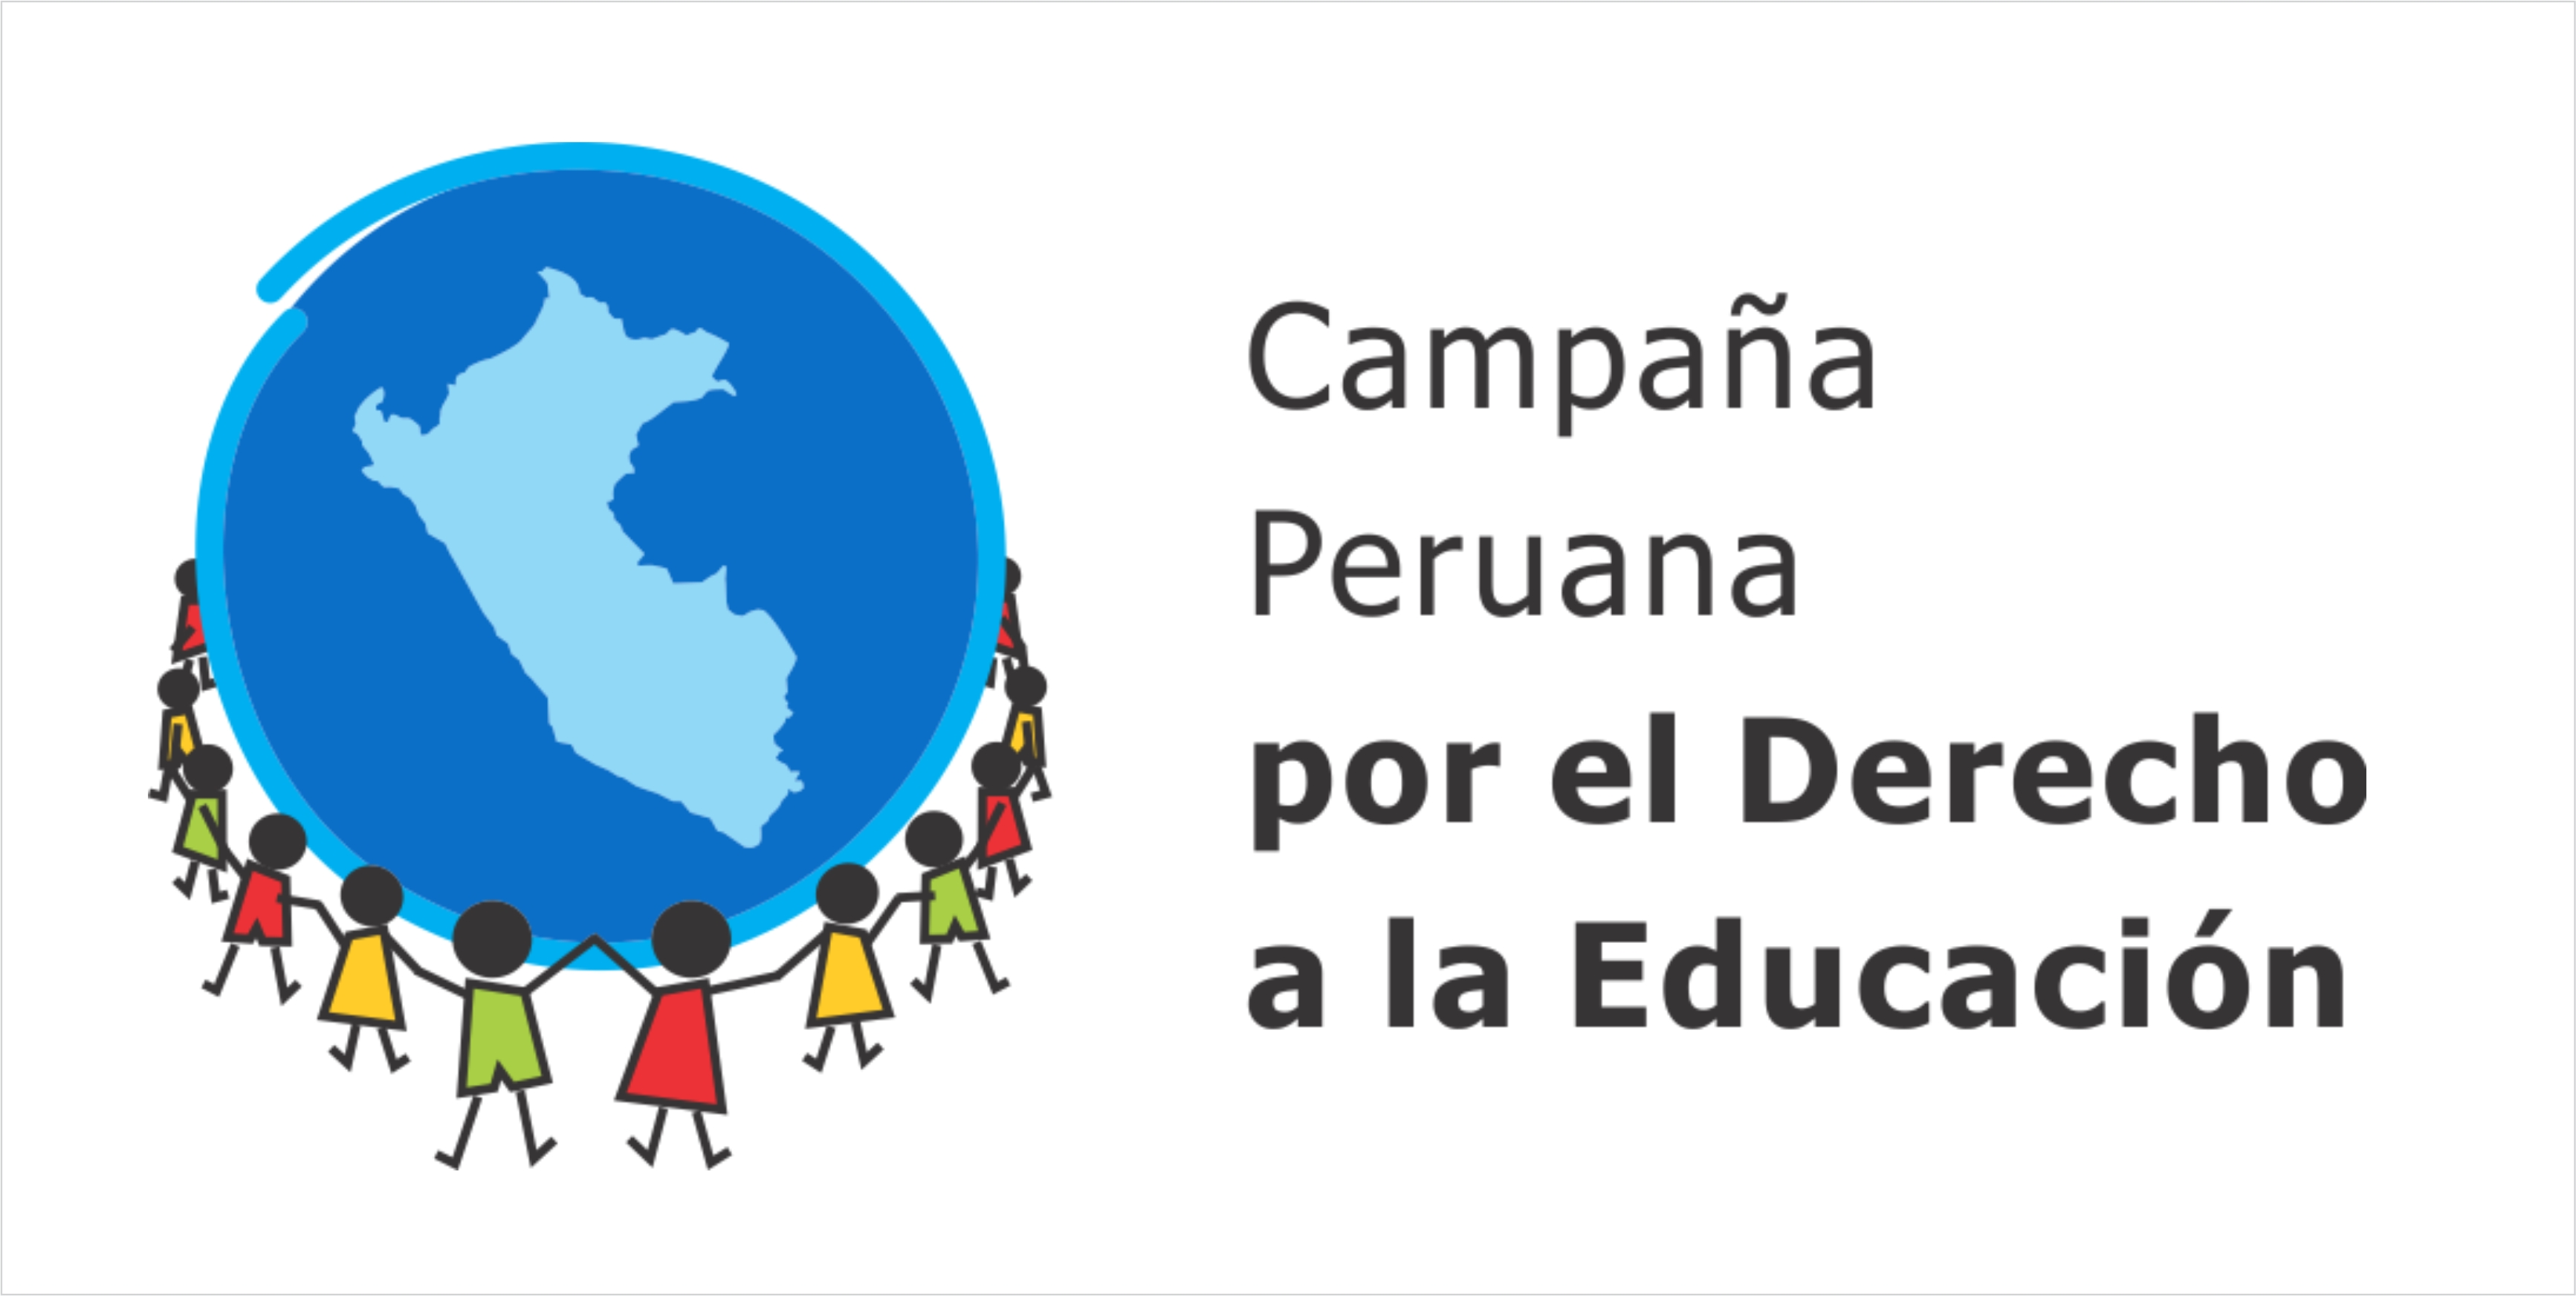 Campaña Peruana por el Derecho a la Educación (CPDE)